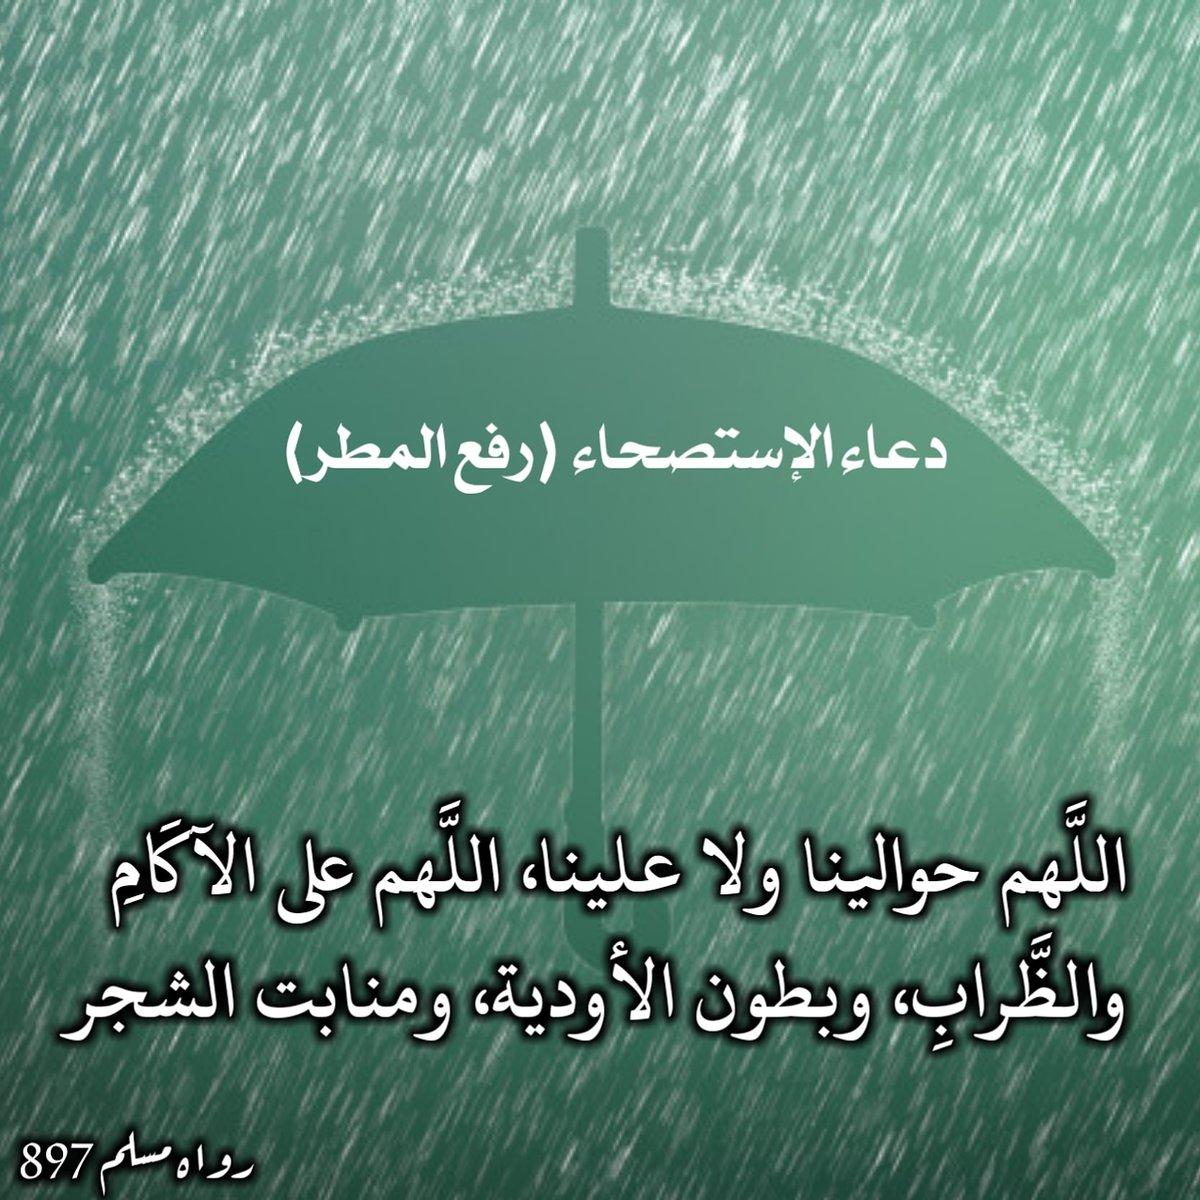 افضل صور ادعية نزول المطر والبرق والرعد